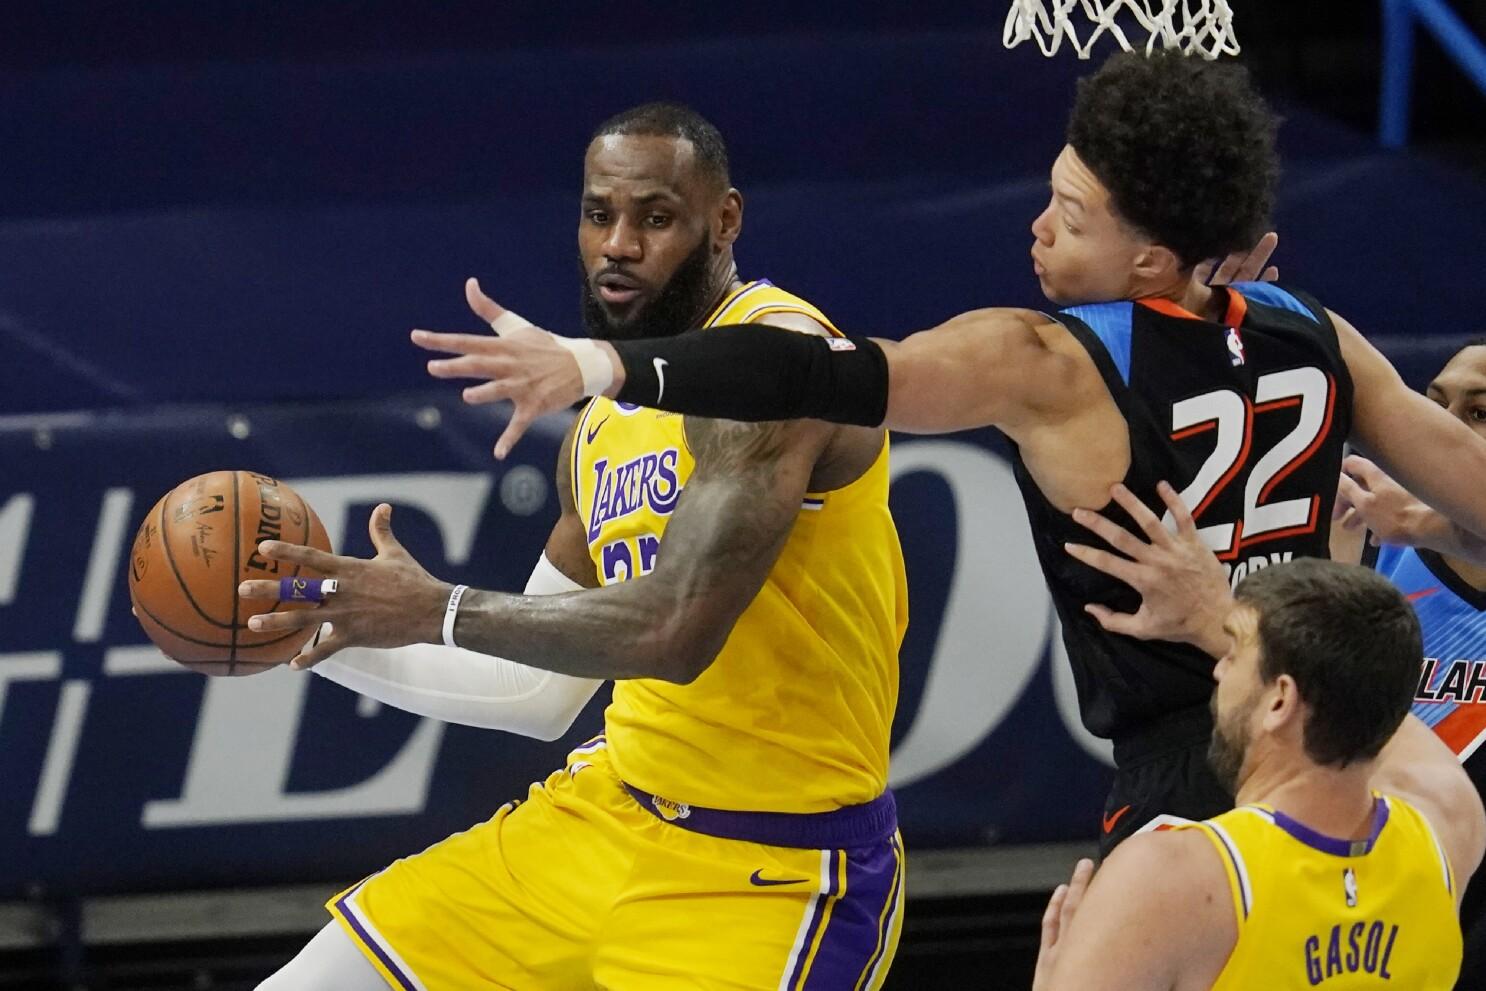 NBA – I risultati del 13 gennaio: i Lakers fanno 7 su 7 in trasferta, ai Nets il derby, super Doncic e Giannis